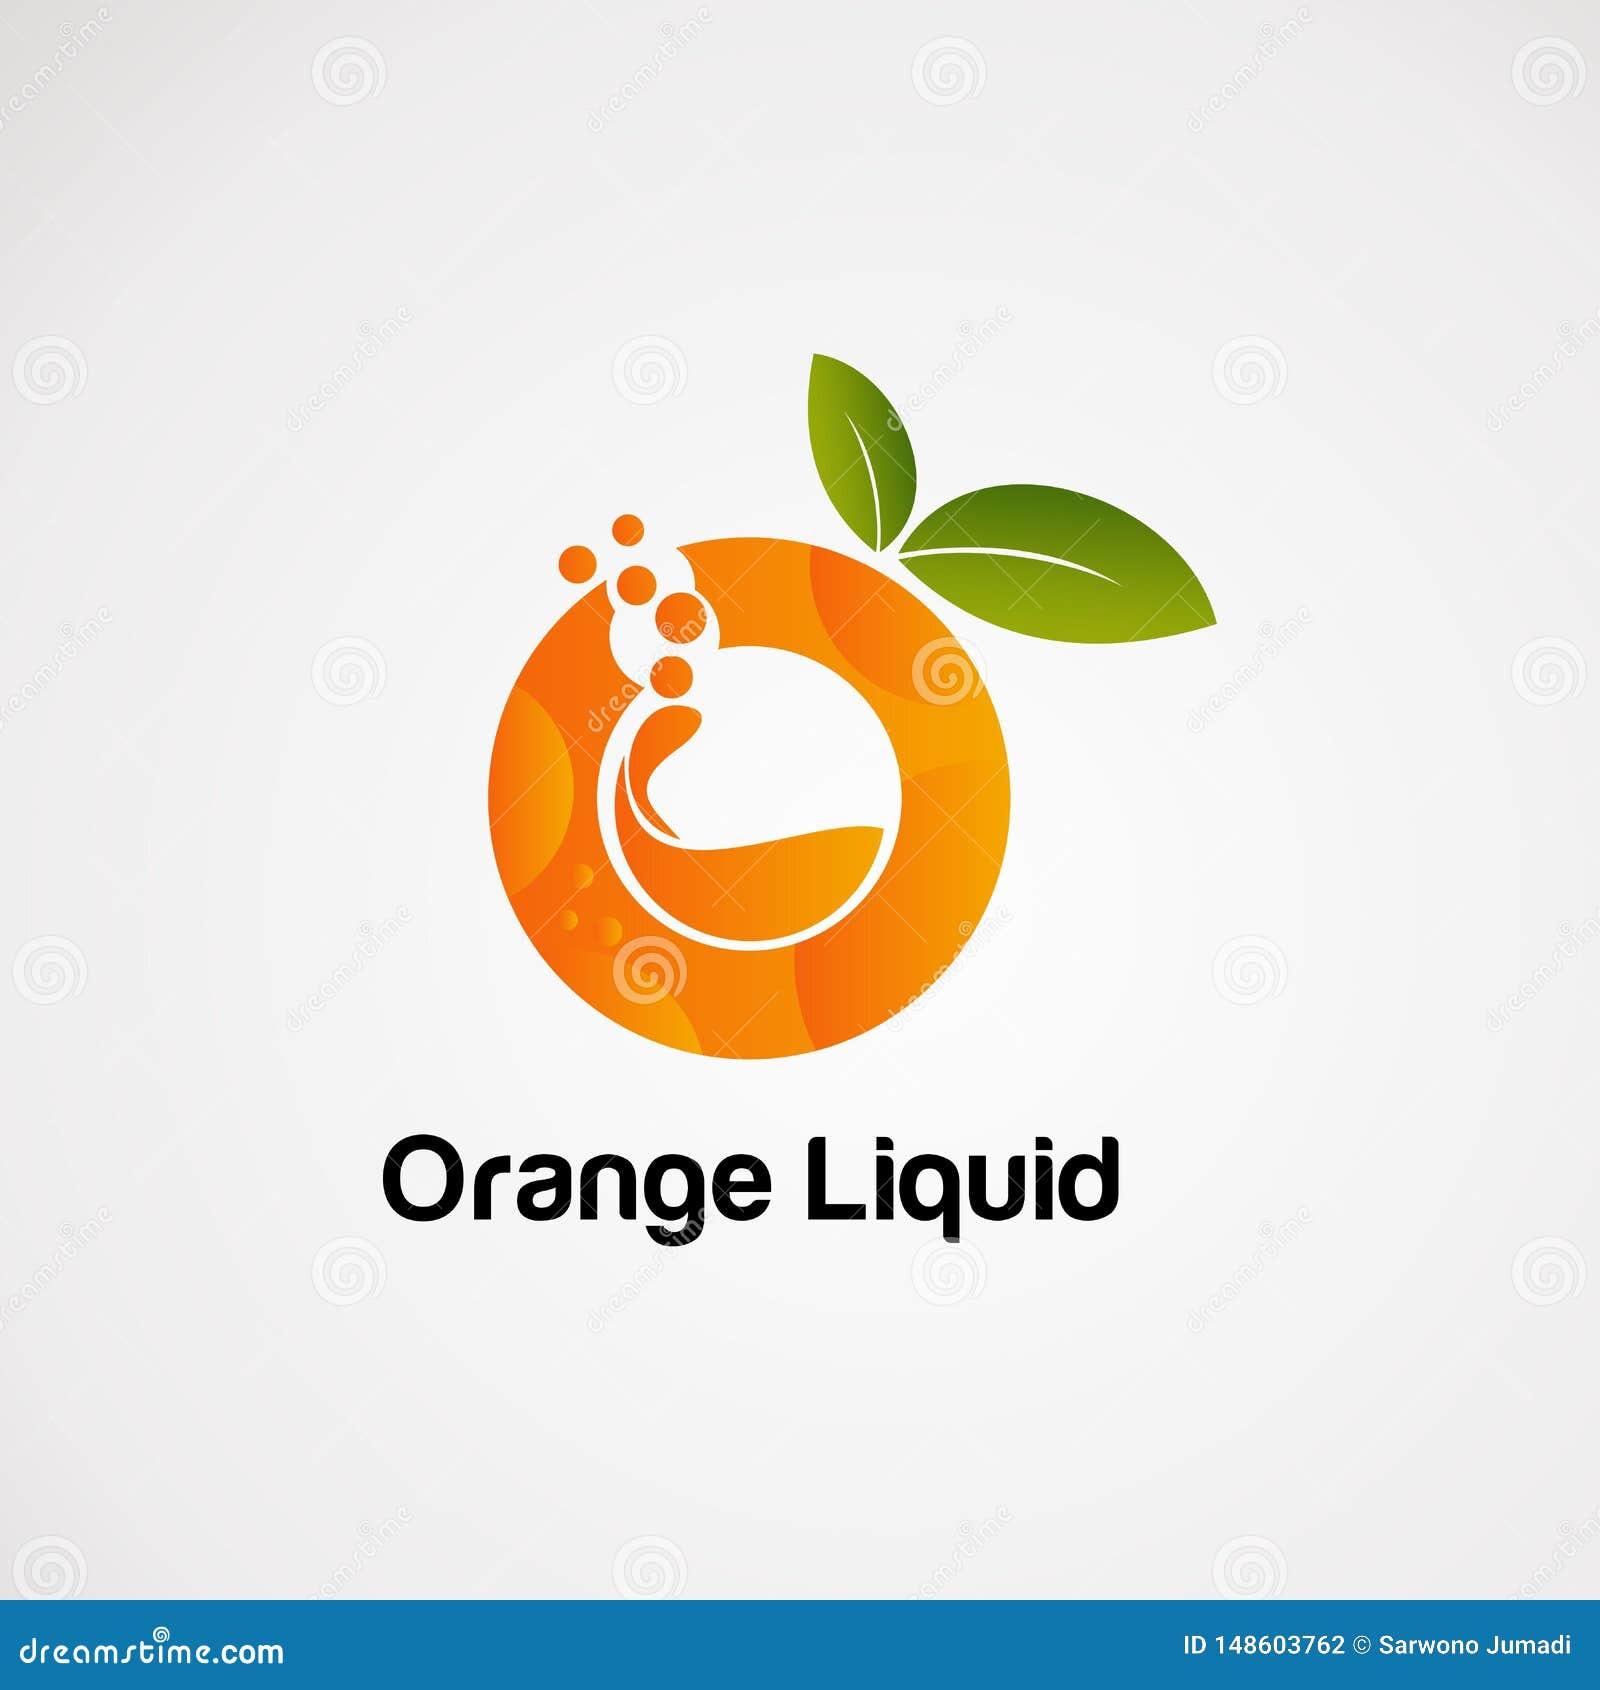 Vecteur, icône, élément, et calibre liquides oranges de logo de fruit pour la société